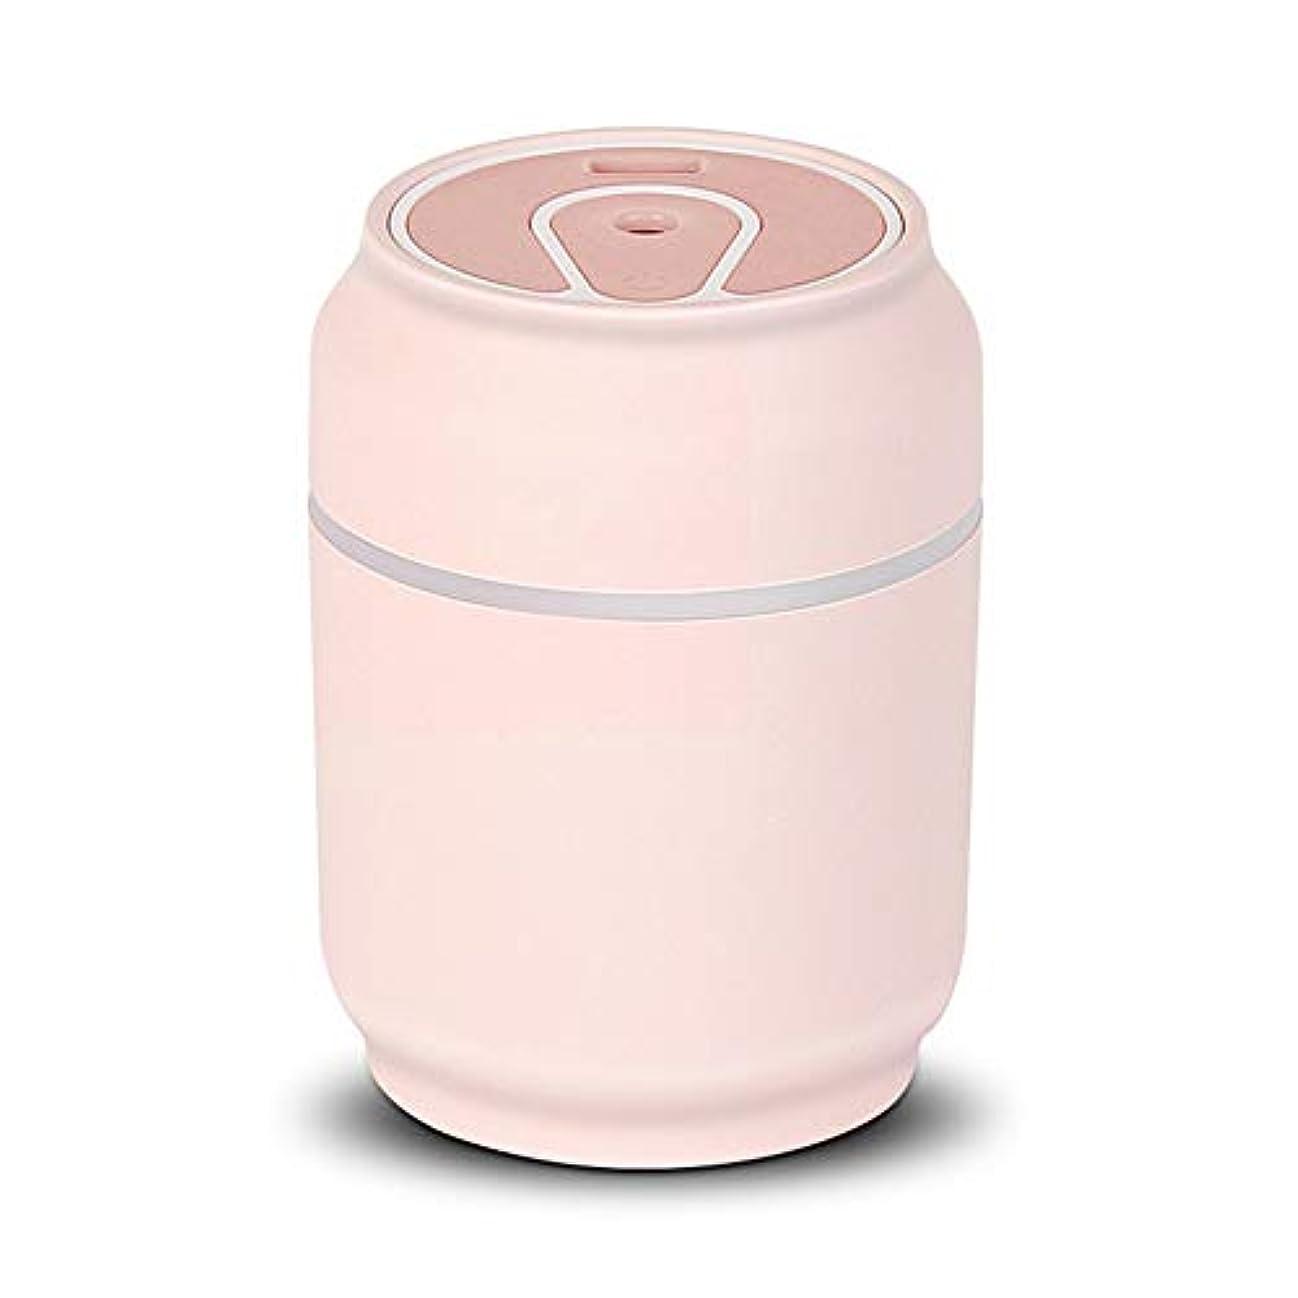 砲兵六分儀副詞ZXF 新しいクリエイティブ缶シェイプUSB充電加湿器ミュート漫画ミニASB素材ナイトライトファン3つ1つの水分補給器具蒸し顔黒緑ピンク黄色 滑らかである (色 : Pink)